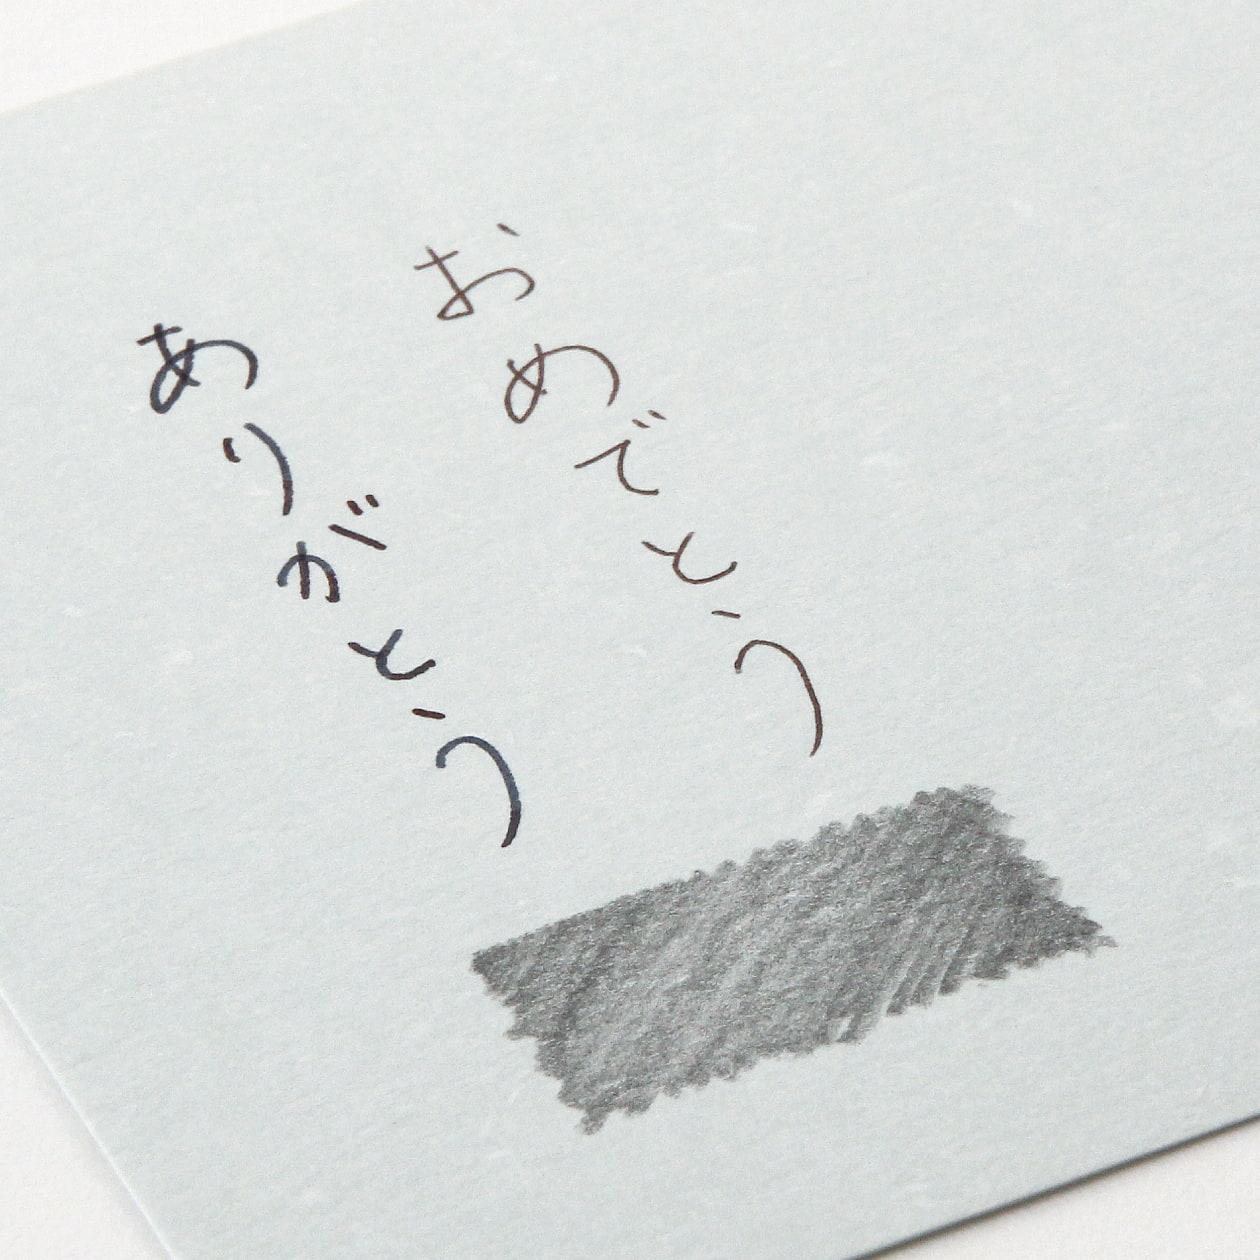 Pカード フェザーワルツ ミズ 197.7g